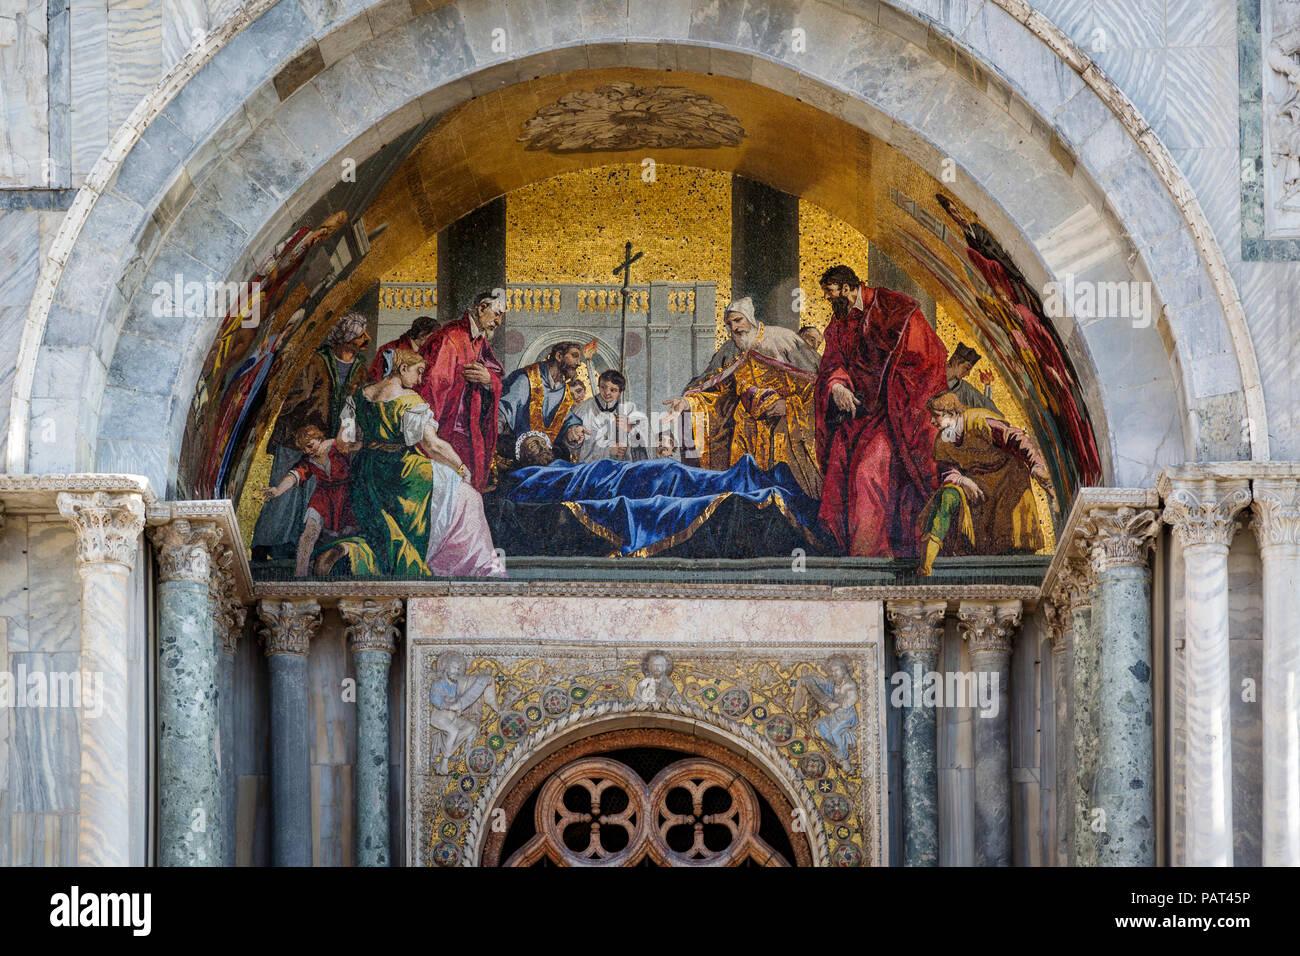 Mosaico sobre las puertas de entrada a la Basílica di San Marco, la Plaza de San Marco, Venecia, Véneto, Italia Imagen De Stock